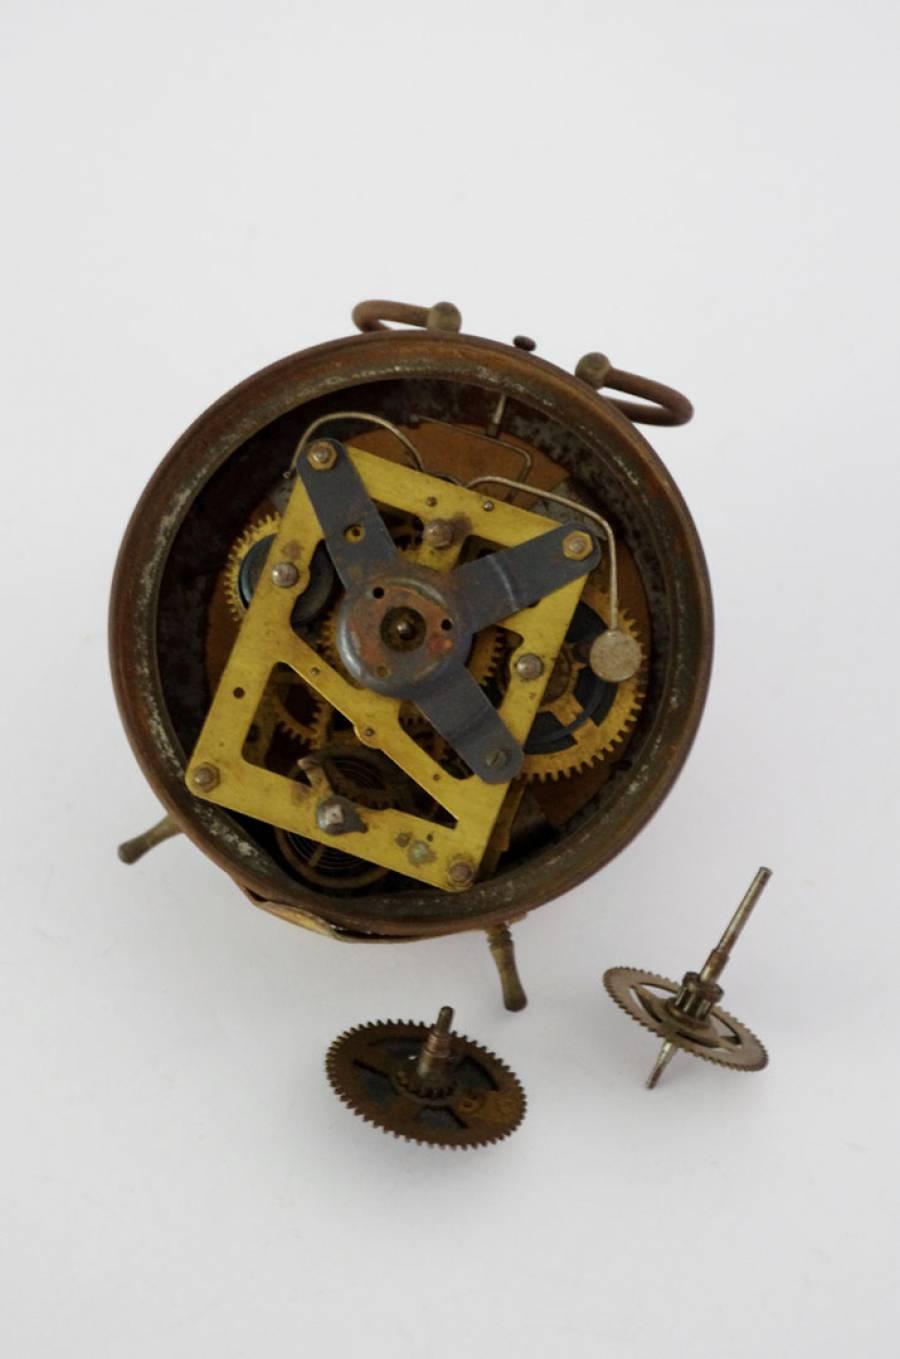 il meccanico di datazione risalente al torrente ita nemico